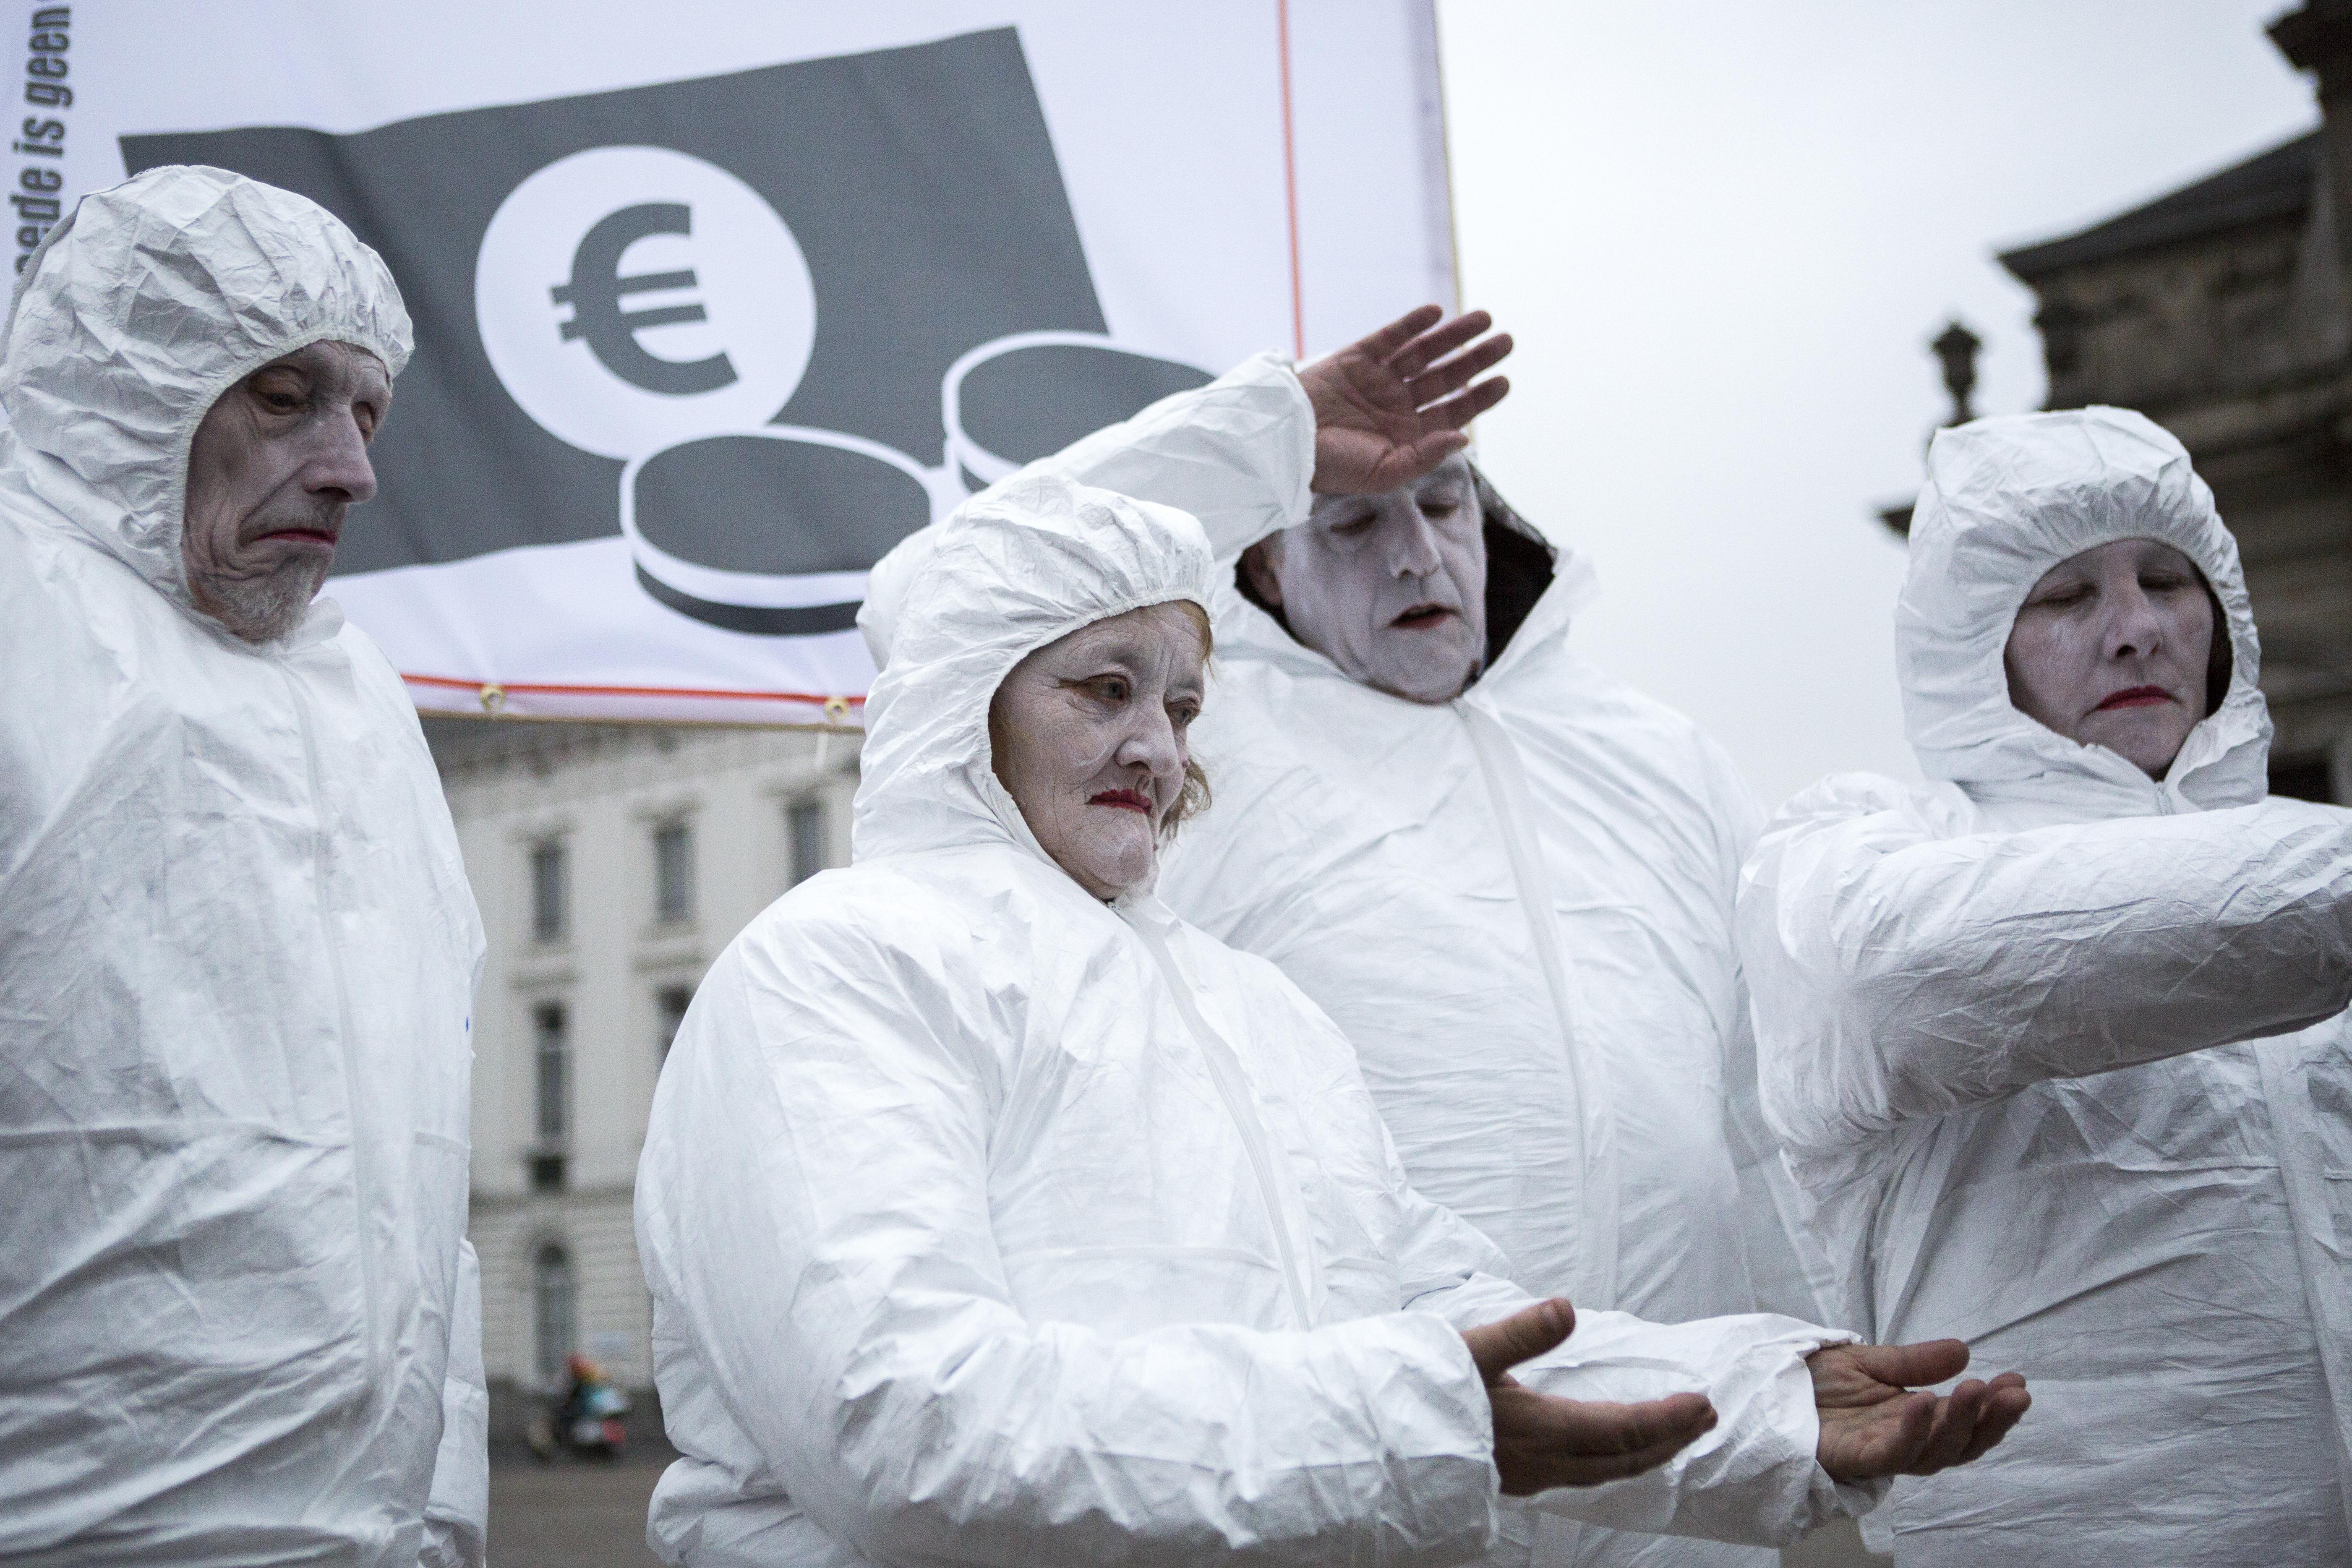 Mensenrechtentheater tijdens Werelddag van verzet tegen Armoede in Gent, 2014